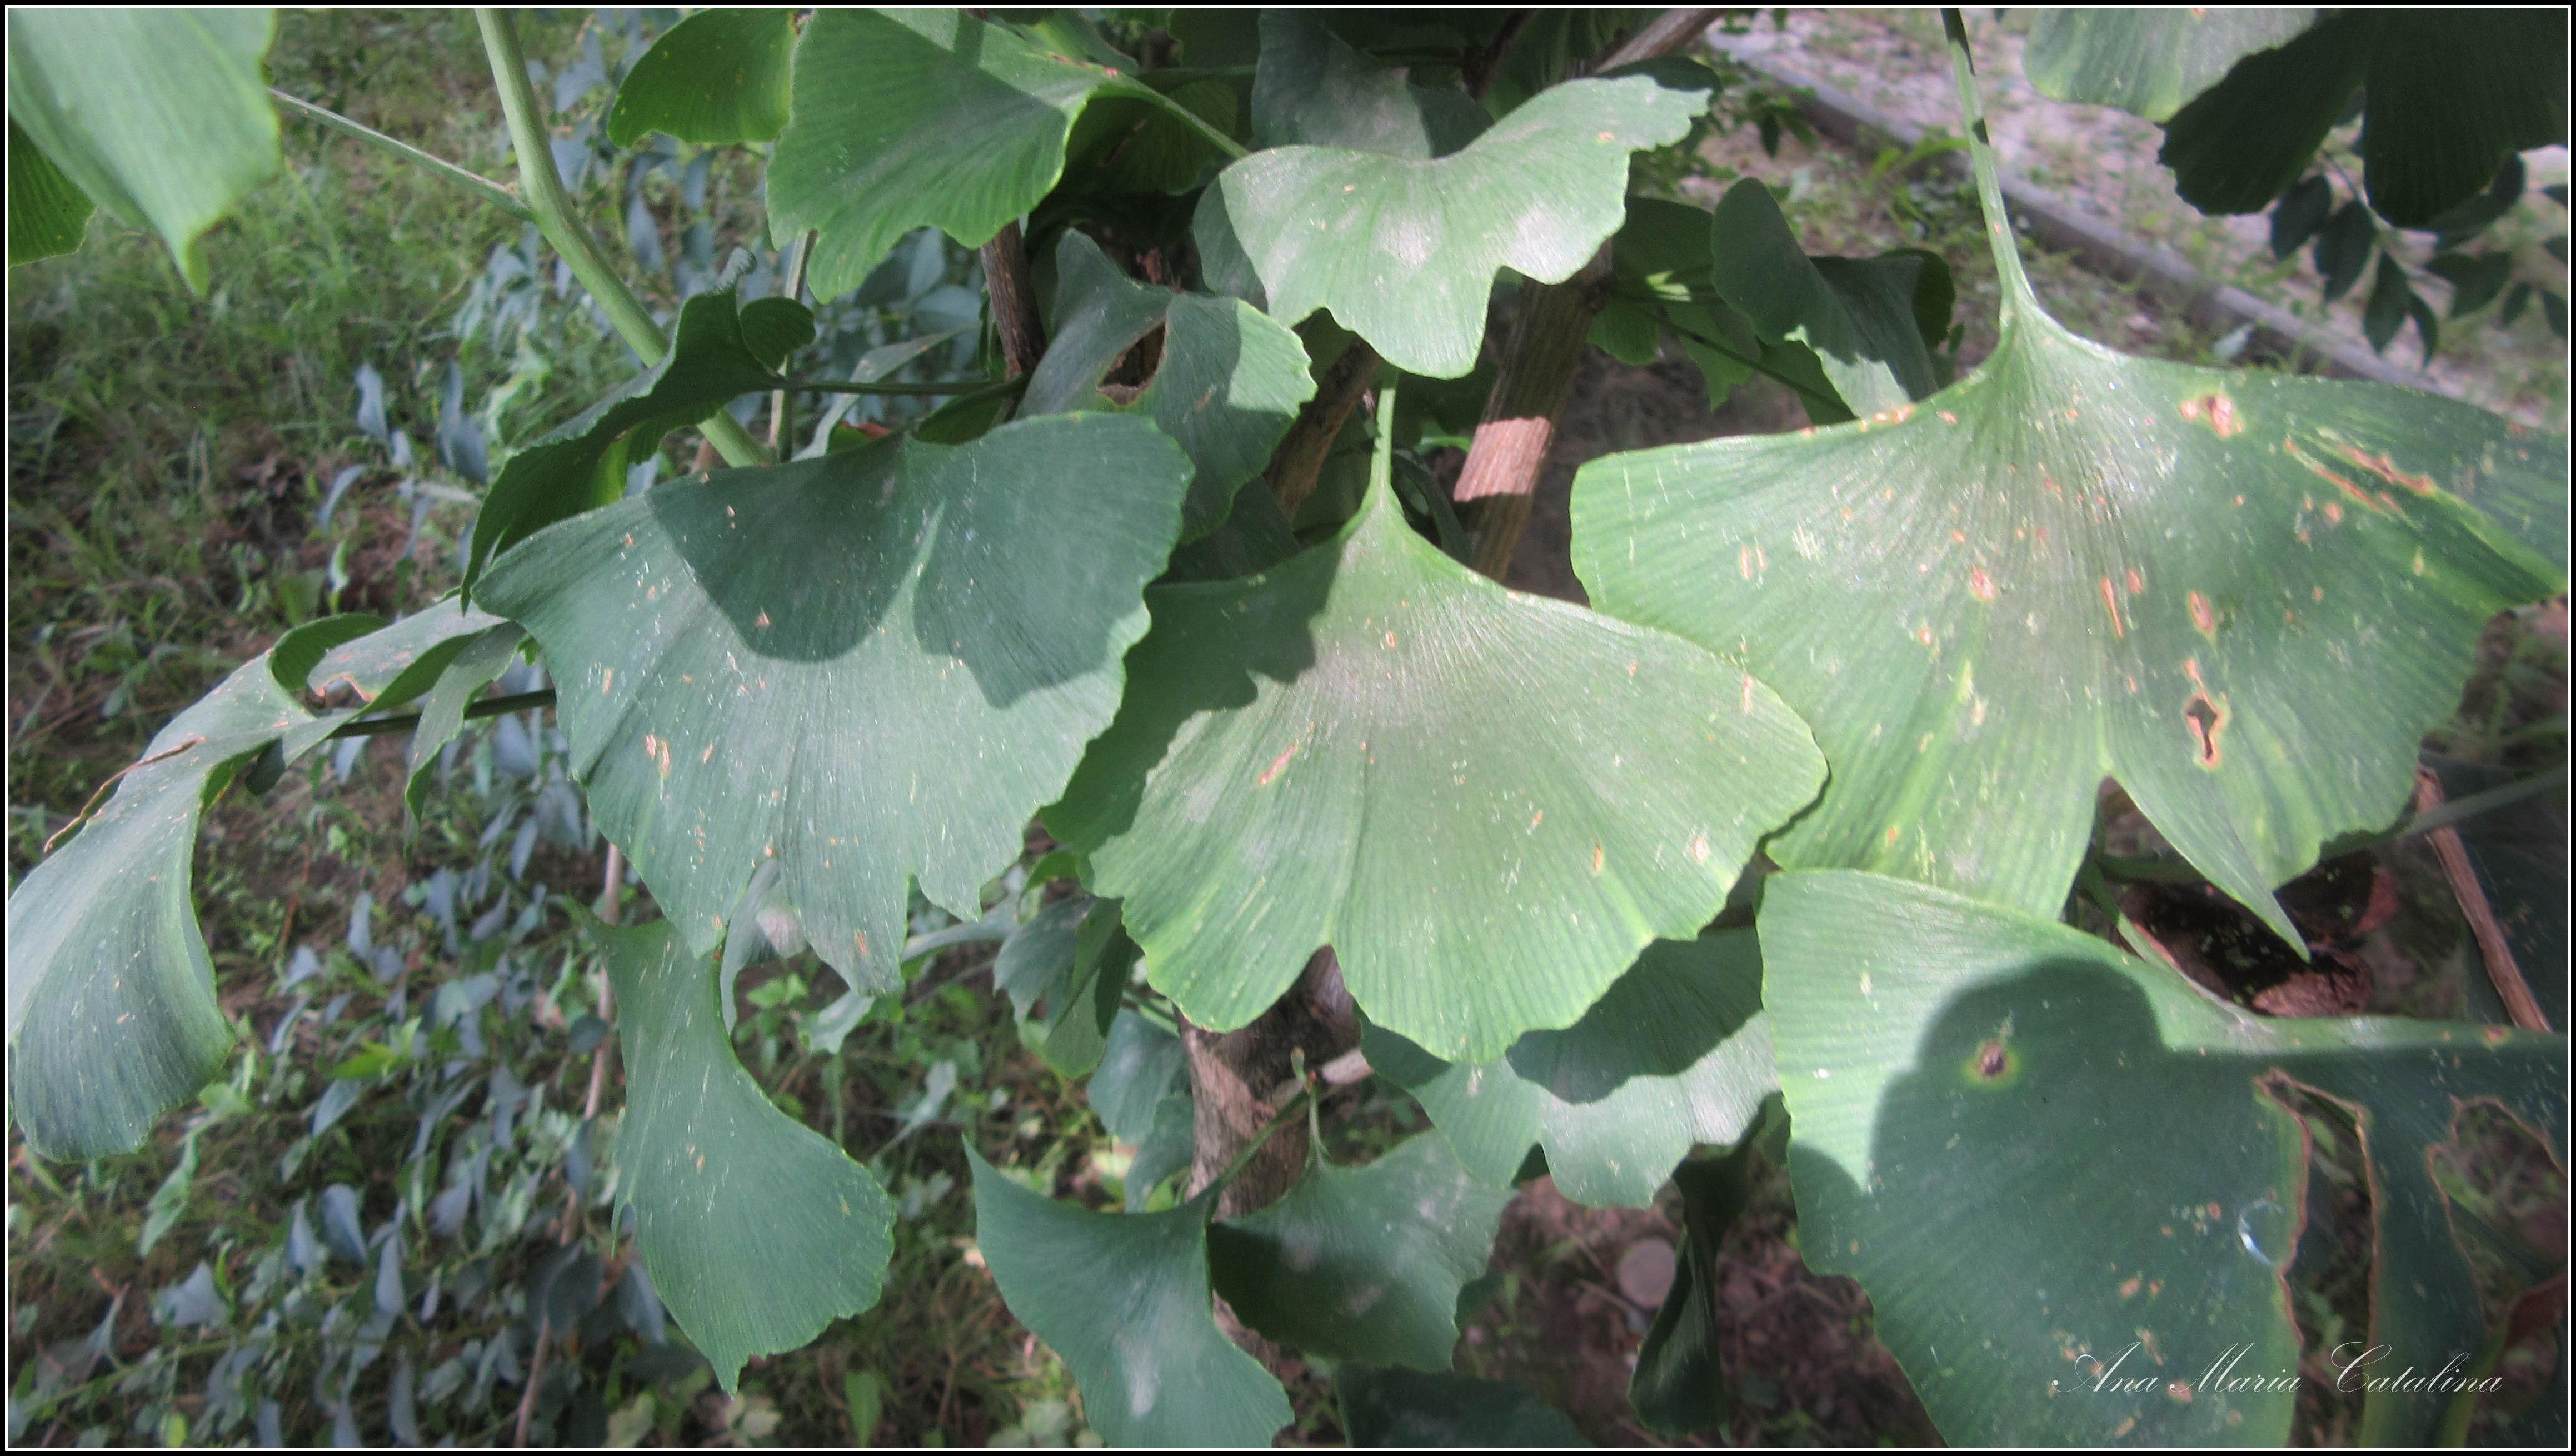 Photo: Arborele pagodelor  (Ginkgo biloba) - din Parcul Tineretului la intrarea dinspre pod - 2016.06.29 album http://ana-maria-catalina.blogspot.ro/2016/07/arborele-pagodelor-ginkgo-biloba.html